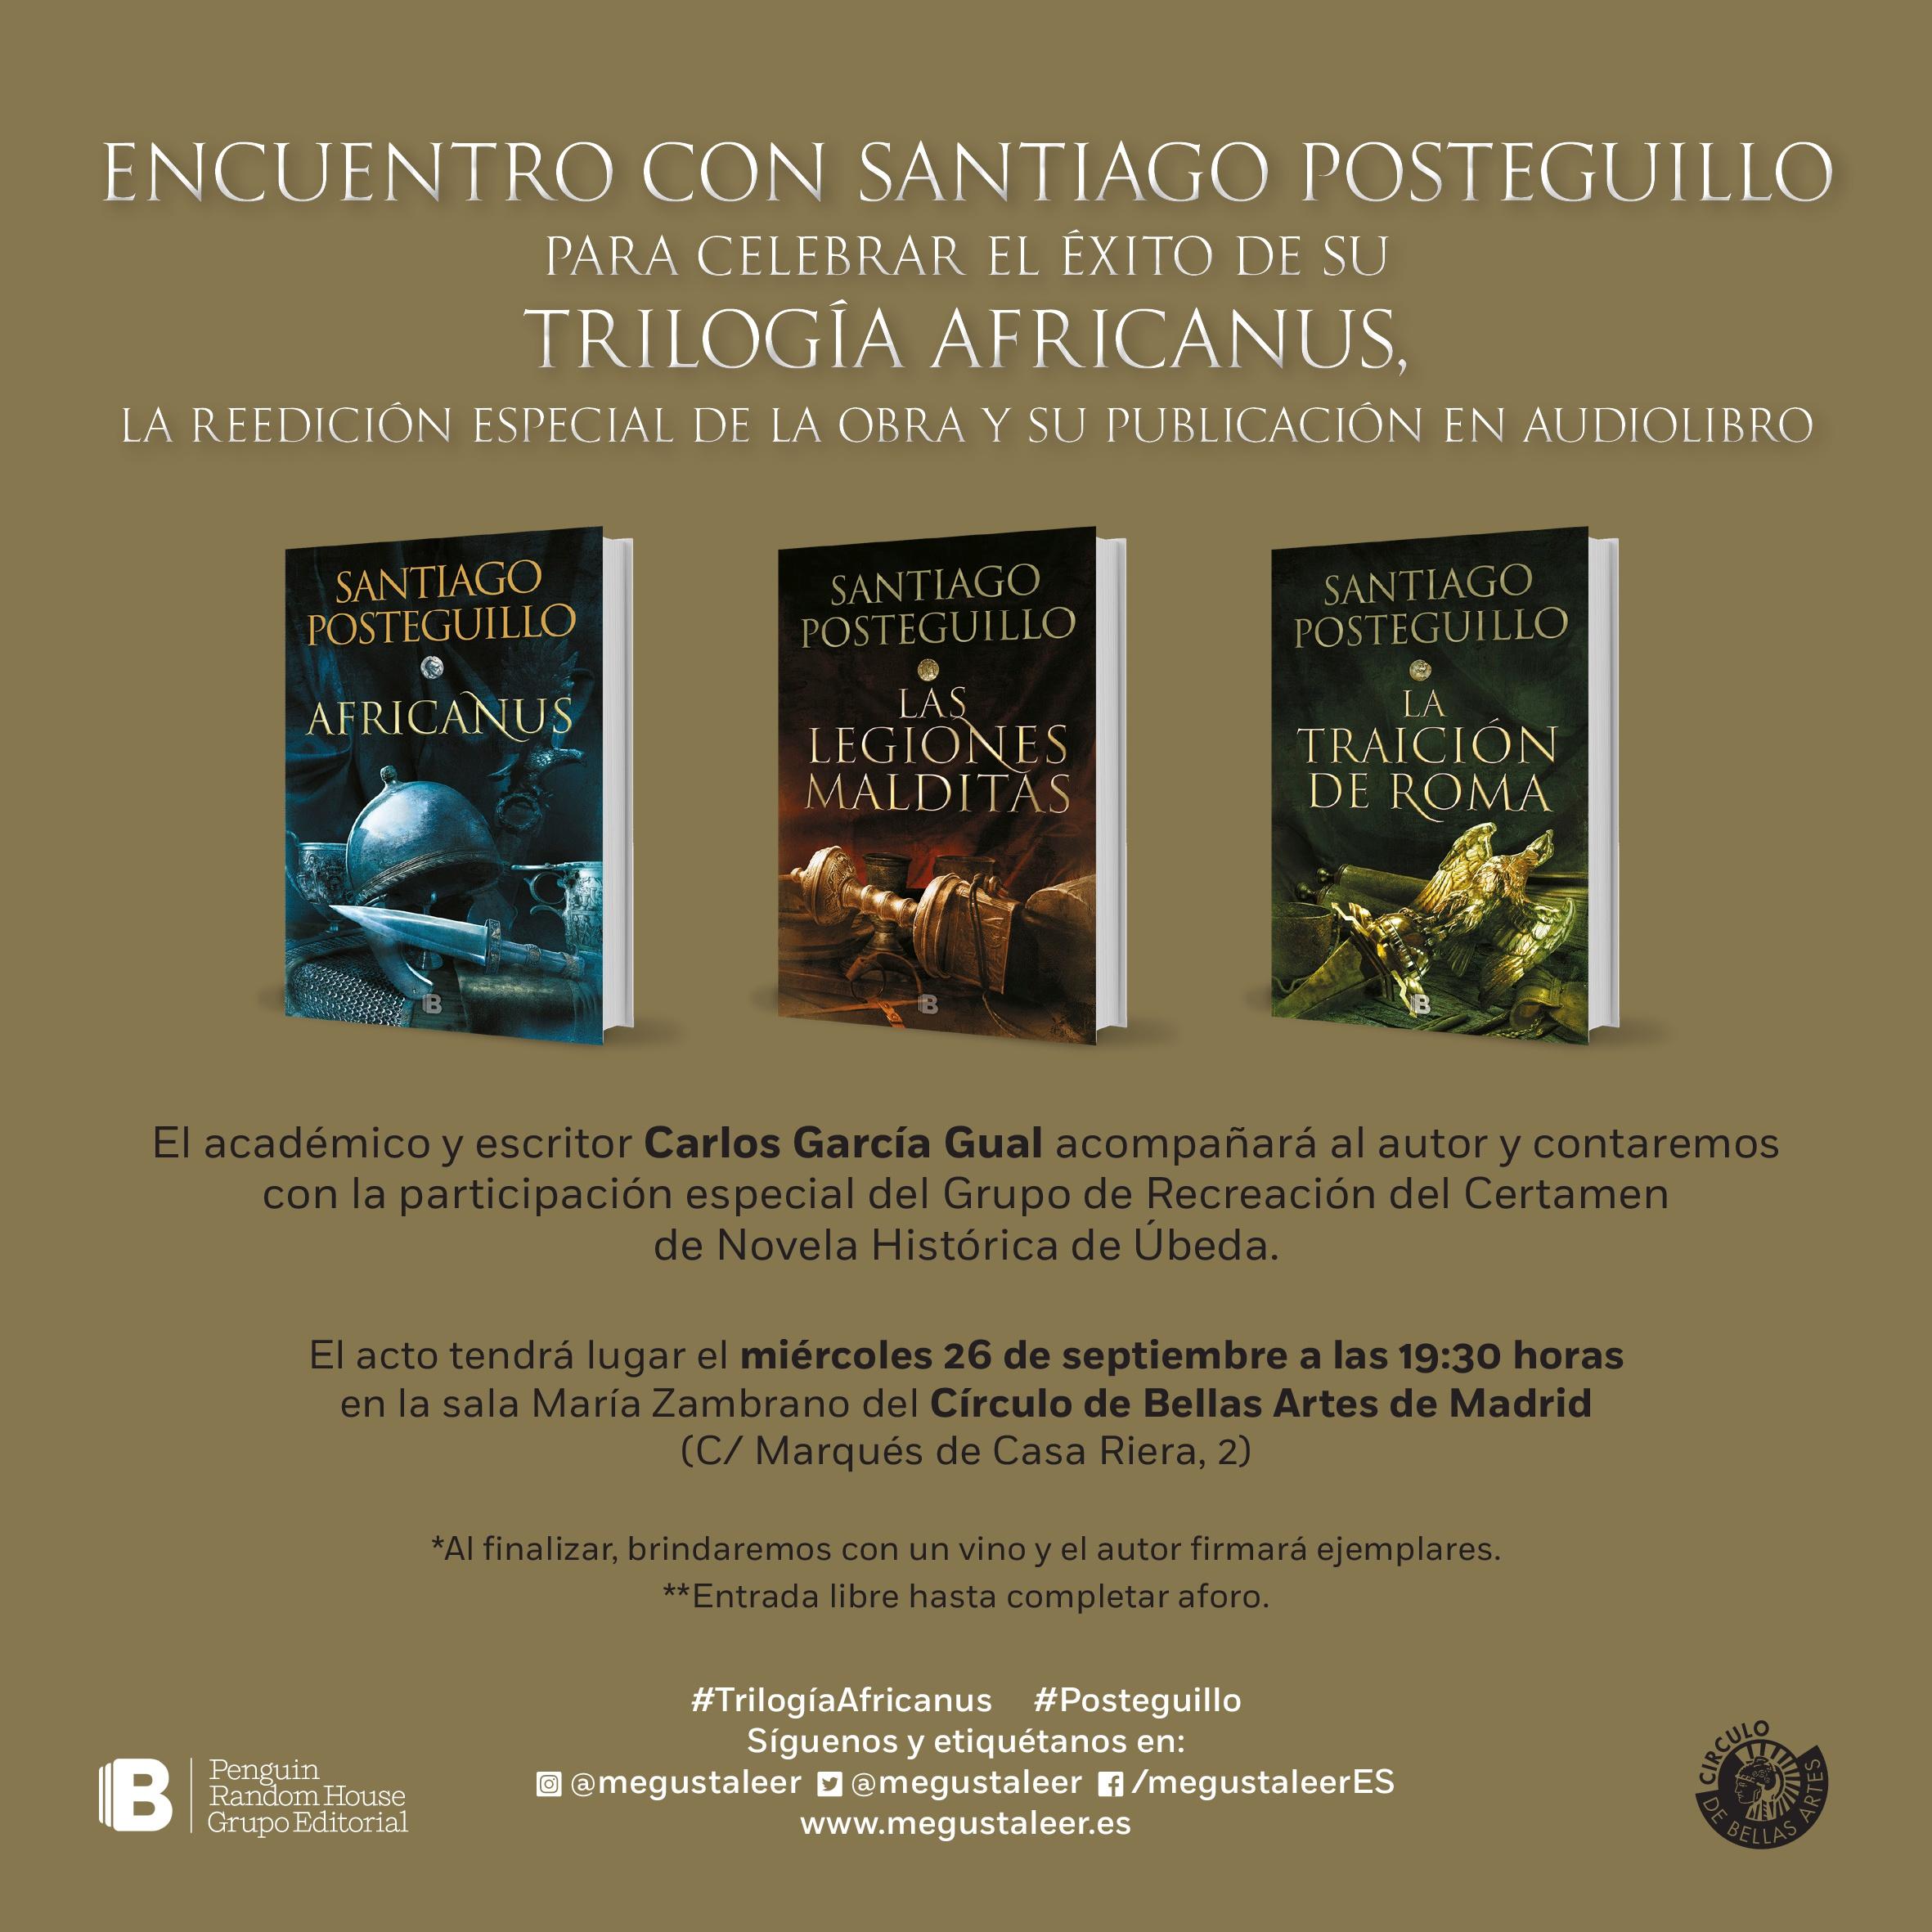 Invitación Encuentro con SANTIAGO POSTEGUILLO por el éxito de AFRICANUS